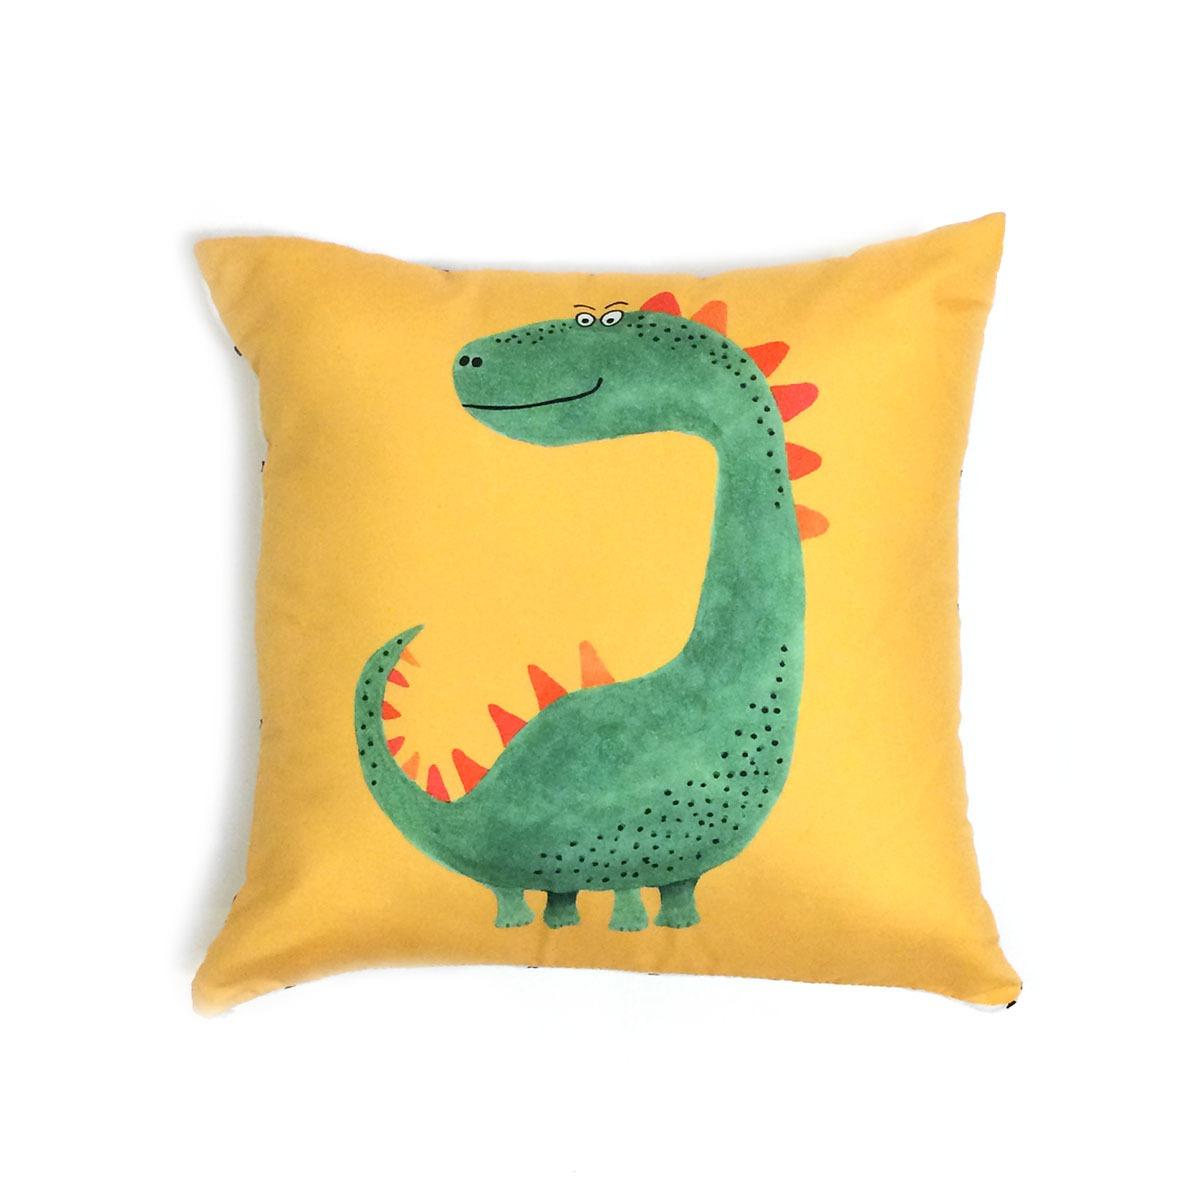 Capa De Almofada Dinossauro Verde E Amarelo, Costas Grid Preto E Branco